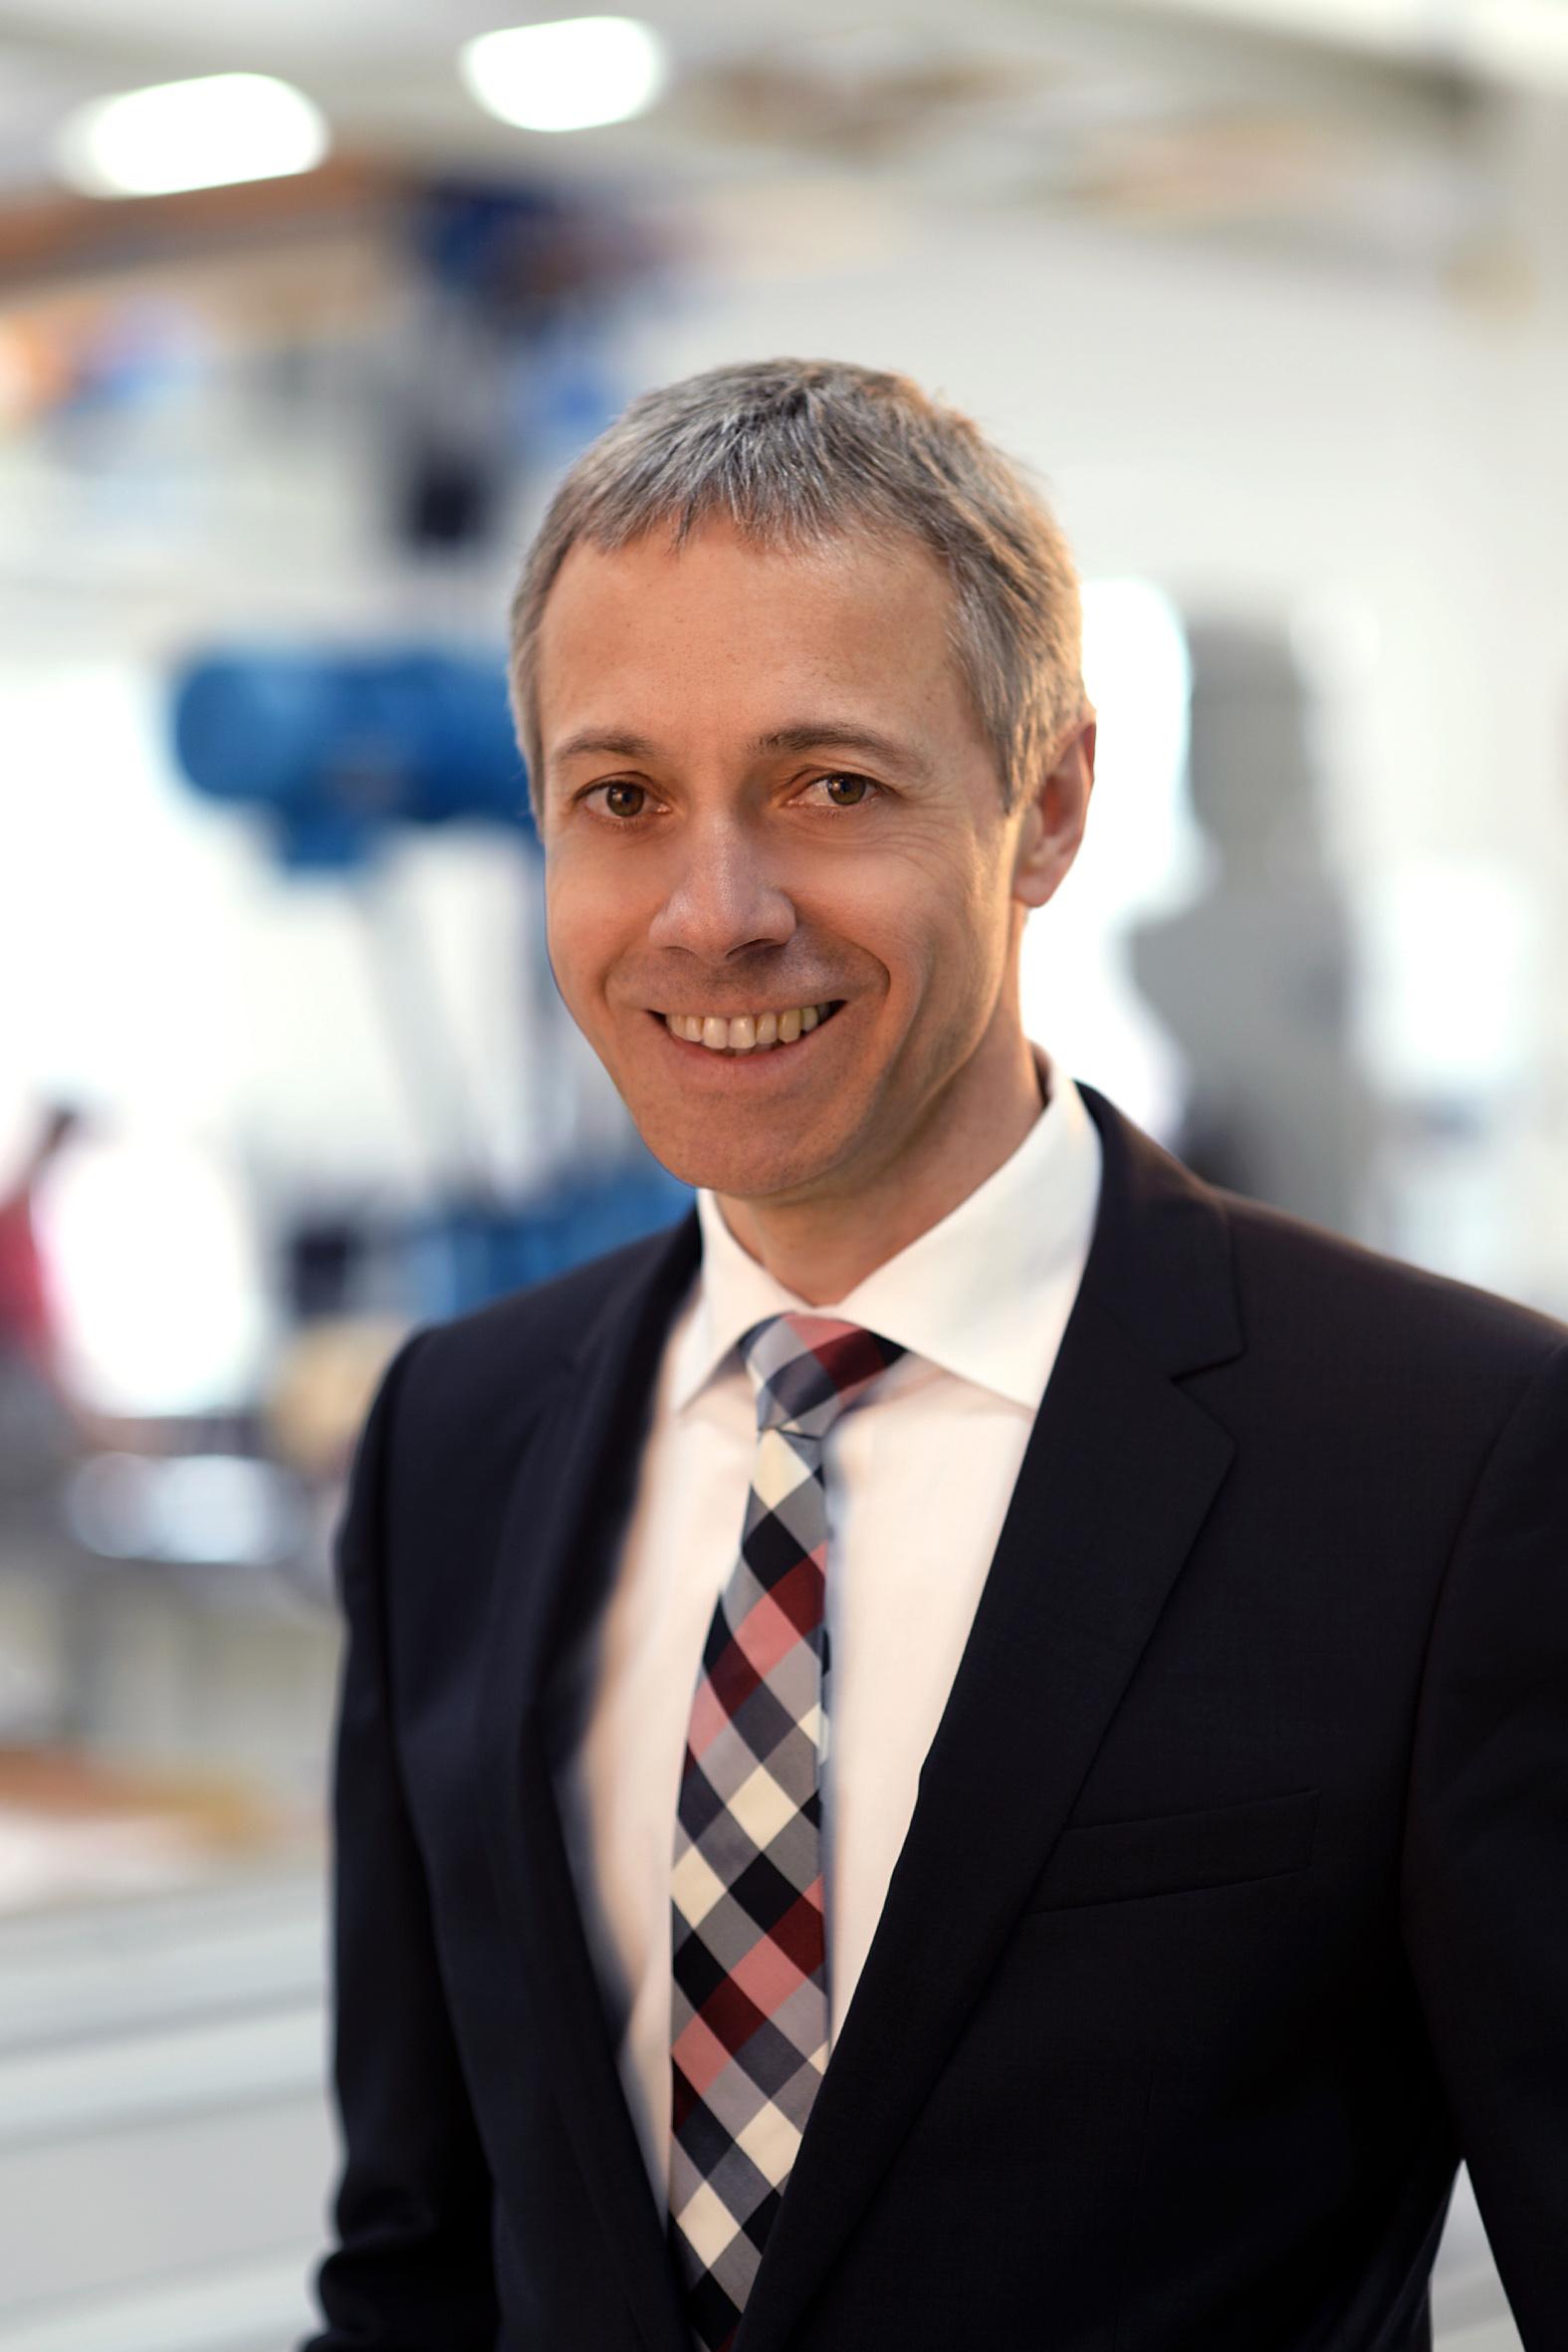 Klaus Junghans, Geschäftsführer Junghans GmbH, Hessisch-Lichtenau